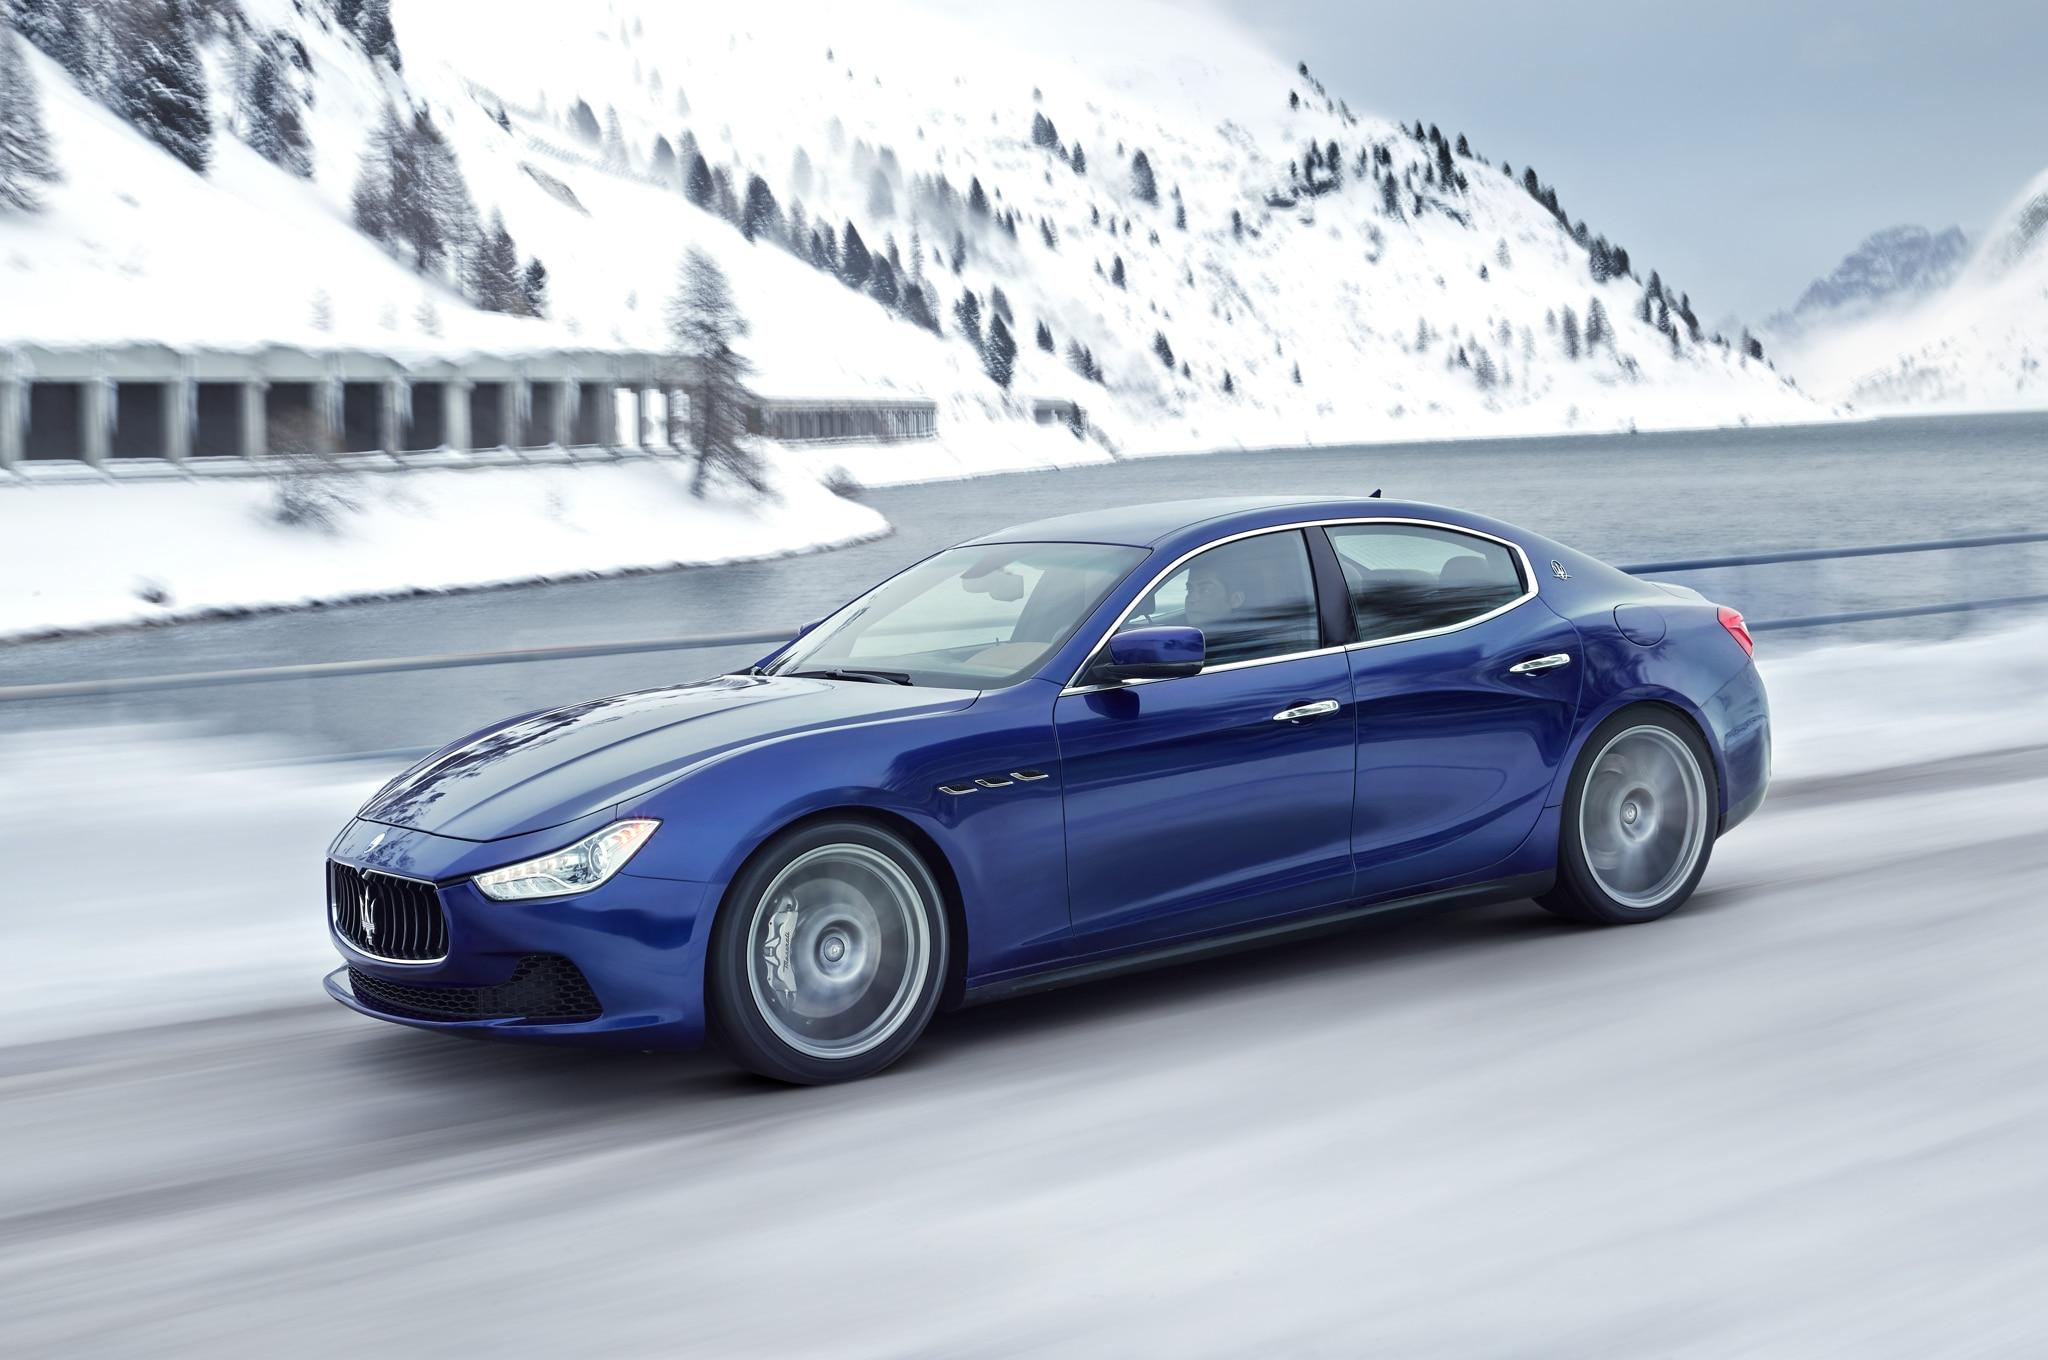 Maserati Ghibli S Q4 >> 2014 Maserati Ghibli S Q4 Review Automobile Magazine